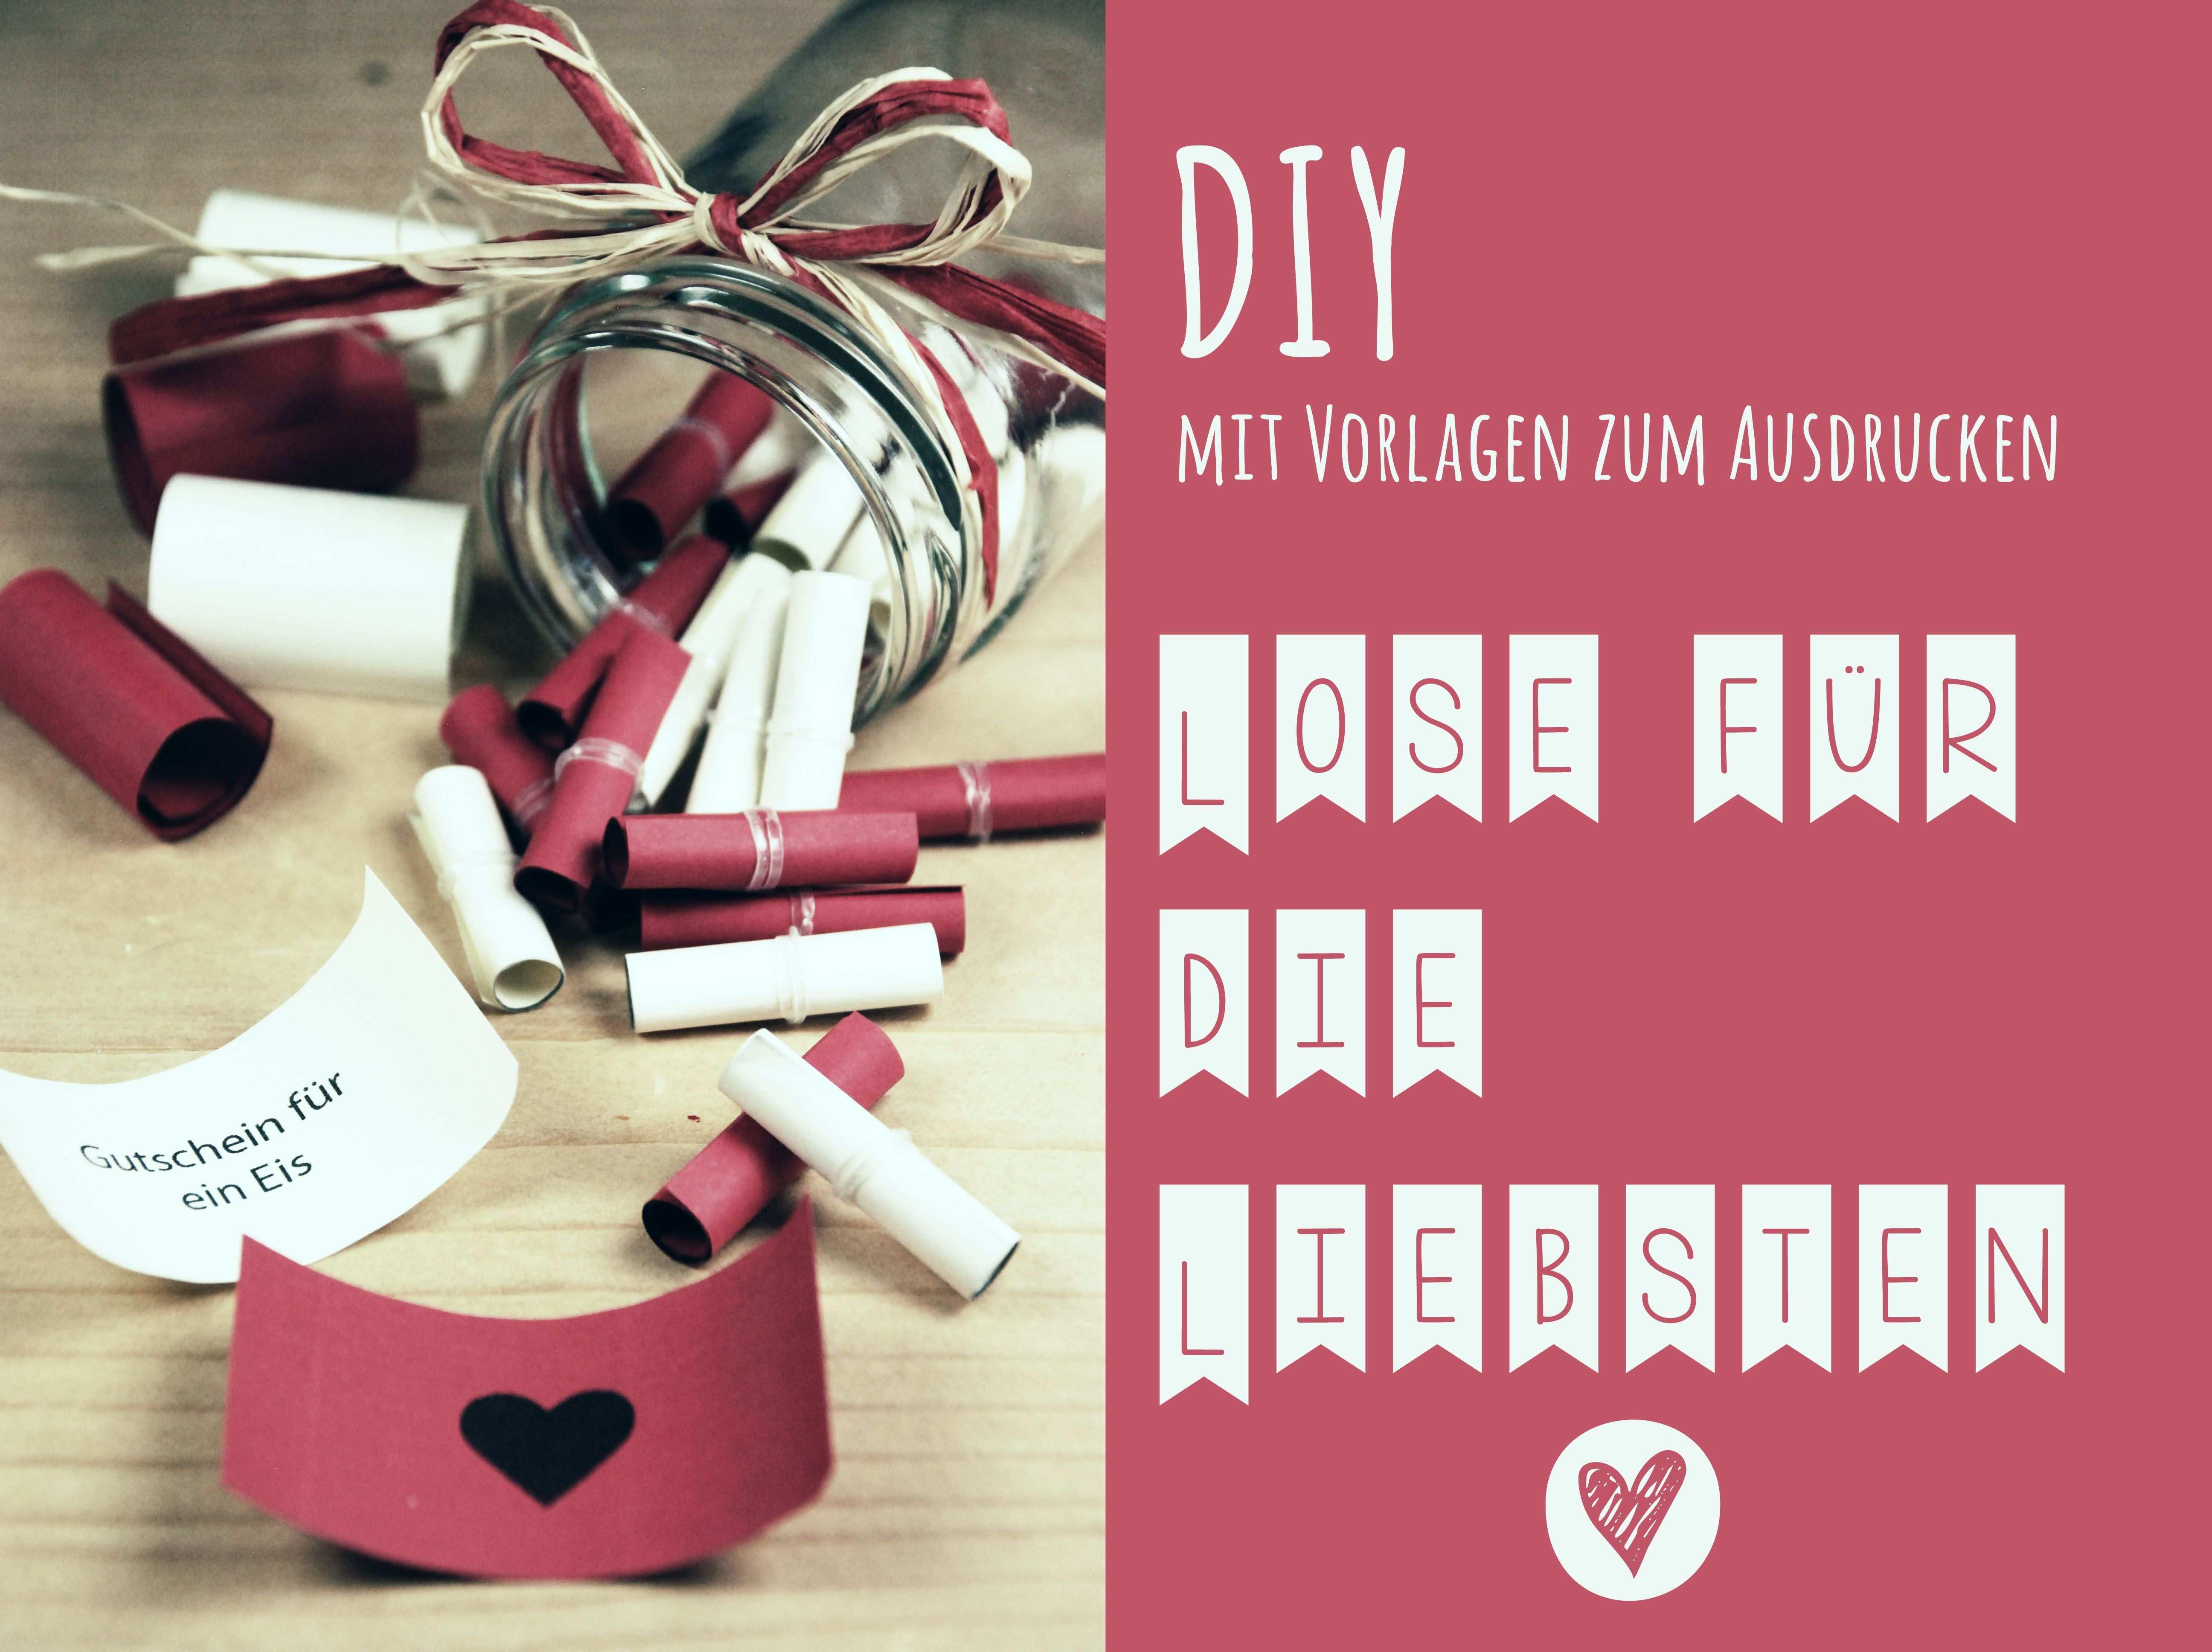 Diy Lose Fur Die Liebsten Valentinstag Geschenk Fur Ihn Geschenk Beste Freundin Geschenke